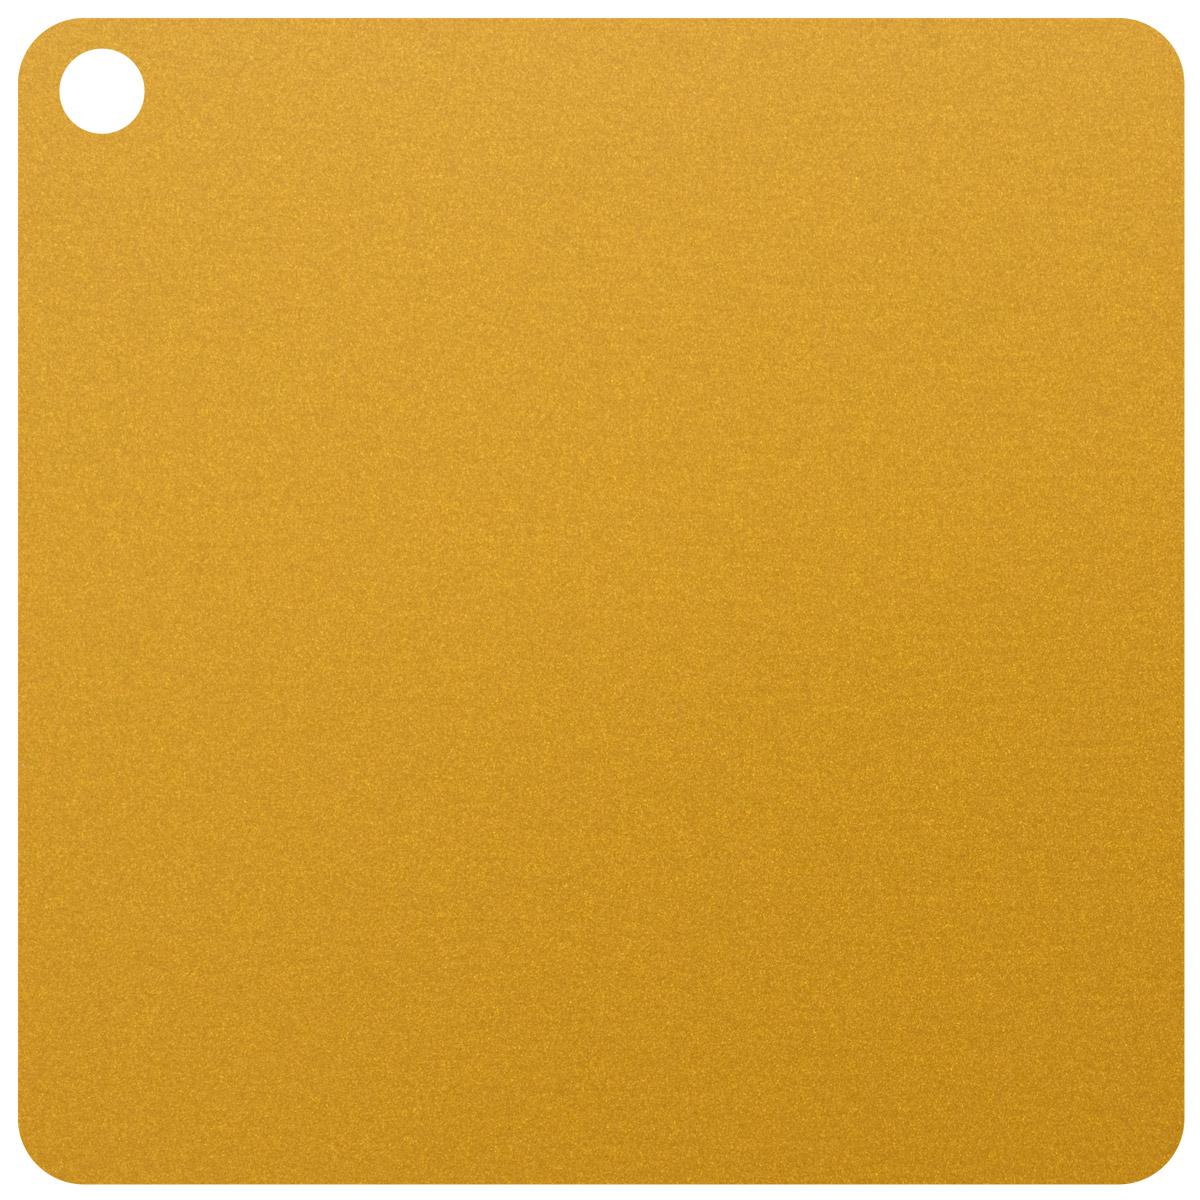 VMZINC Gold